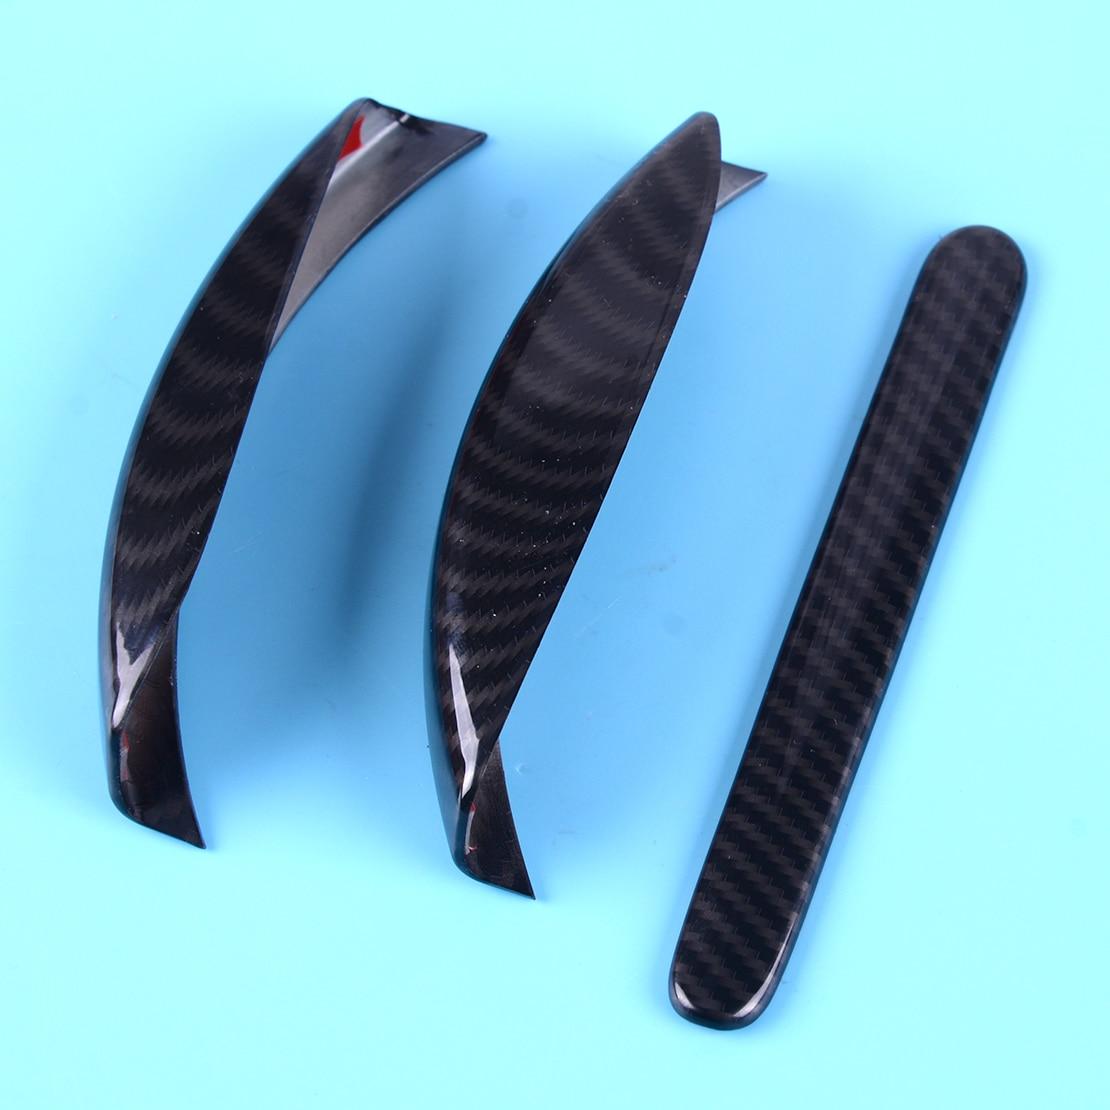 beler ABS Carbon Fiber Texture Interior Handbrake Decorative Frame Fit For Jeep Wrangler Jk 2011 2012 2013 2014 2015 2016 2017